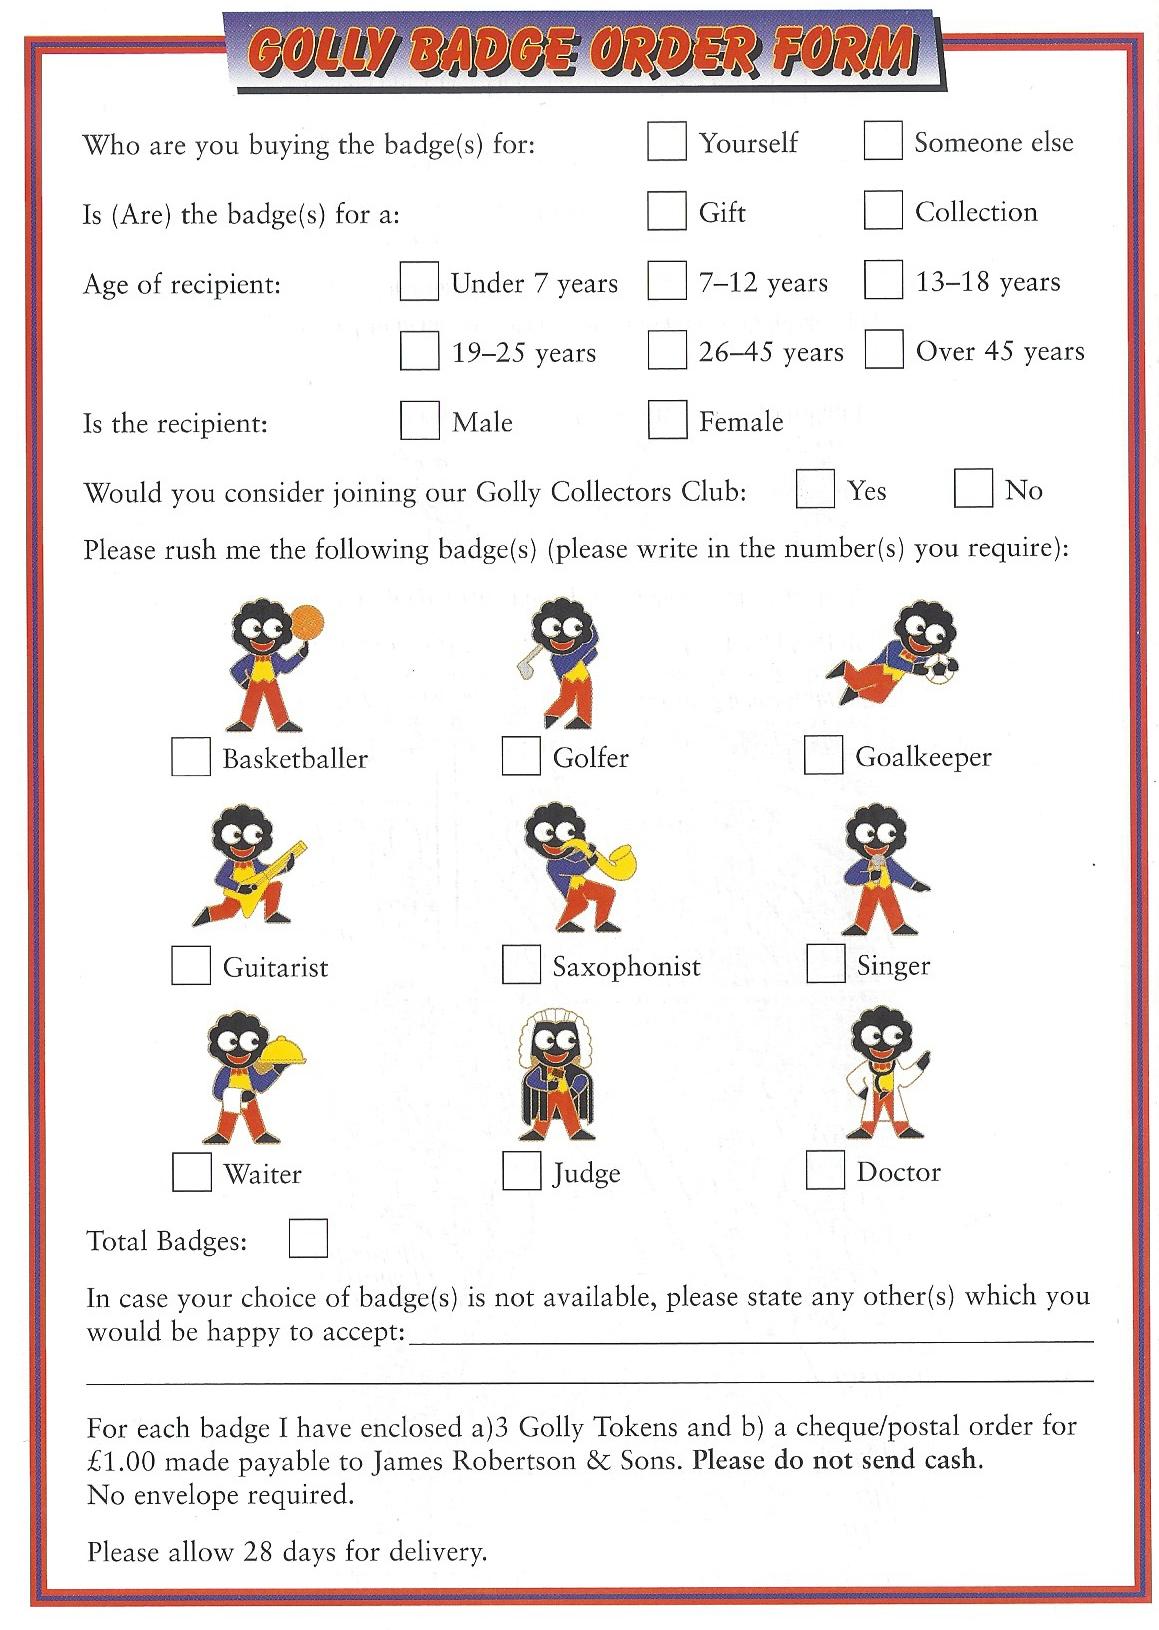 Order form 1998